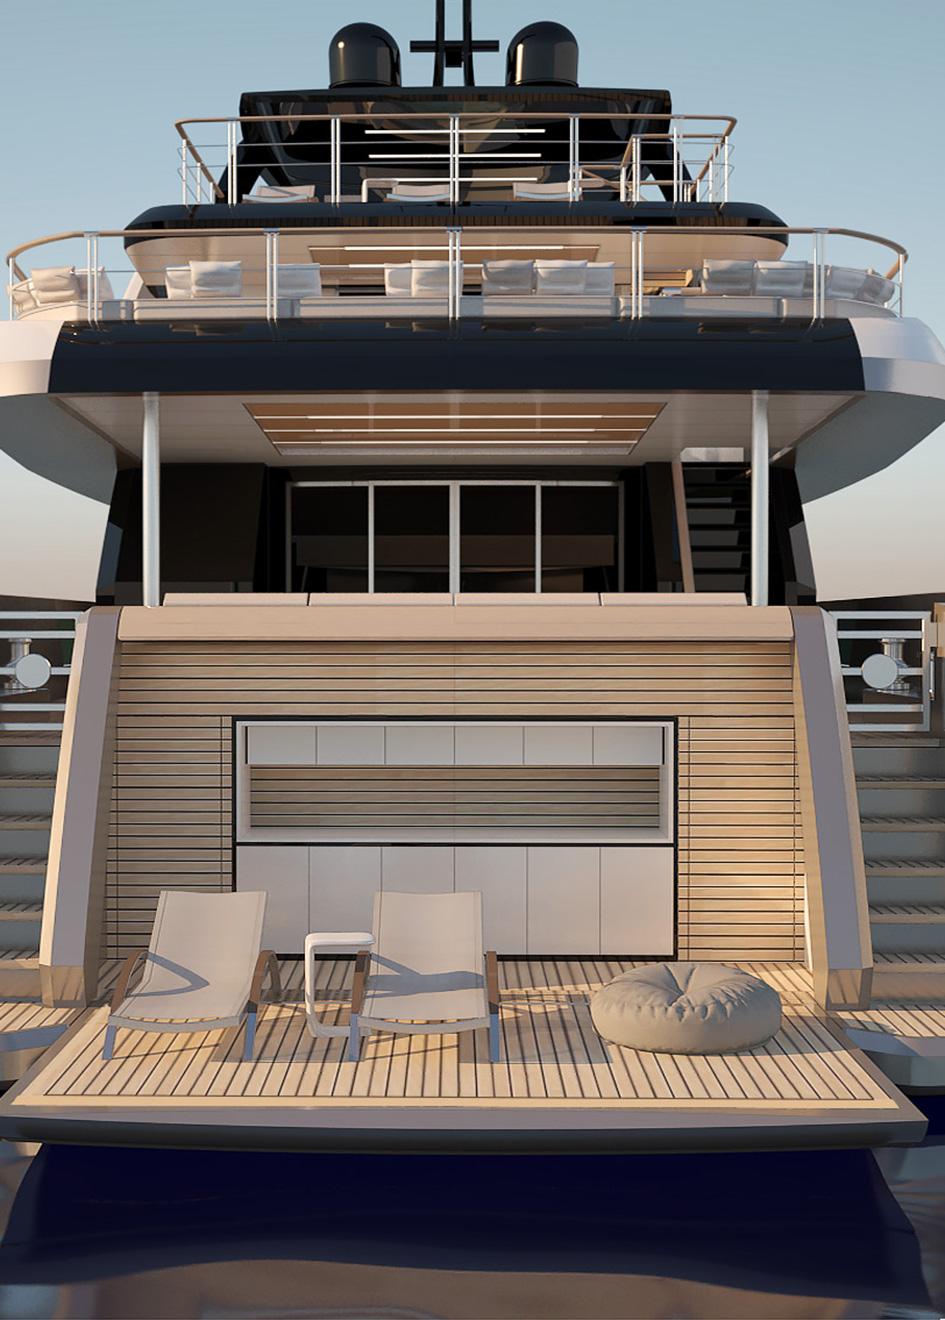 the-beach-club-of-the-filippetti-e32-yacht-concept